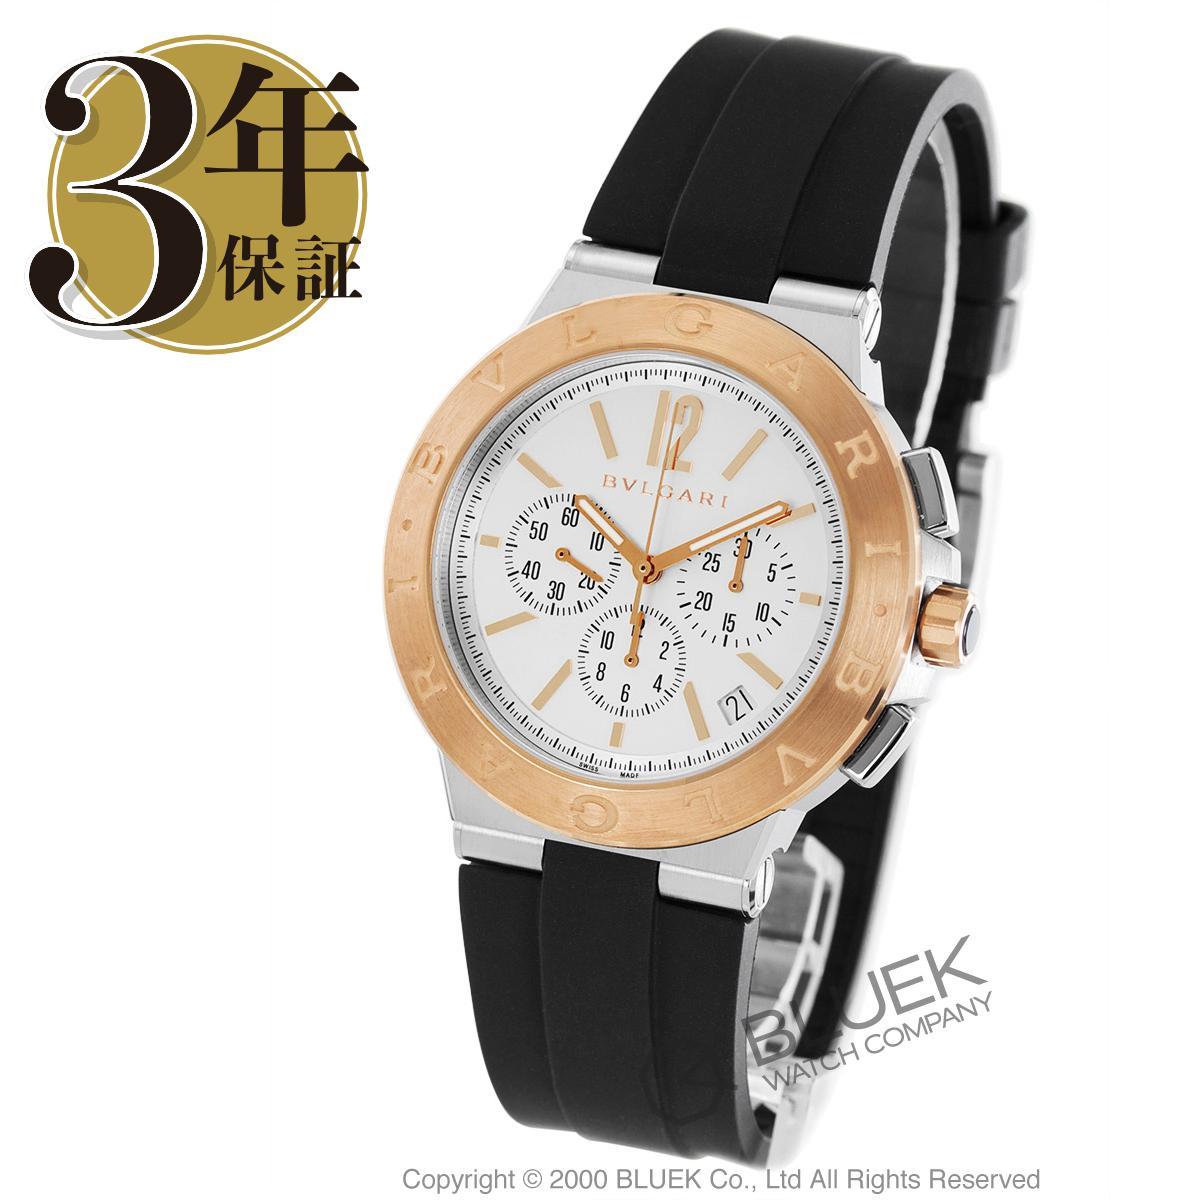 ブルガリ BVLGARI 腕時計 ディアゴノ ヴェロチッシモ 替えベルト付き メンズ DG41WSPGVDCH-SET-BRW_8